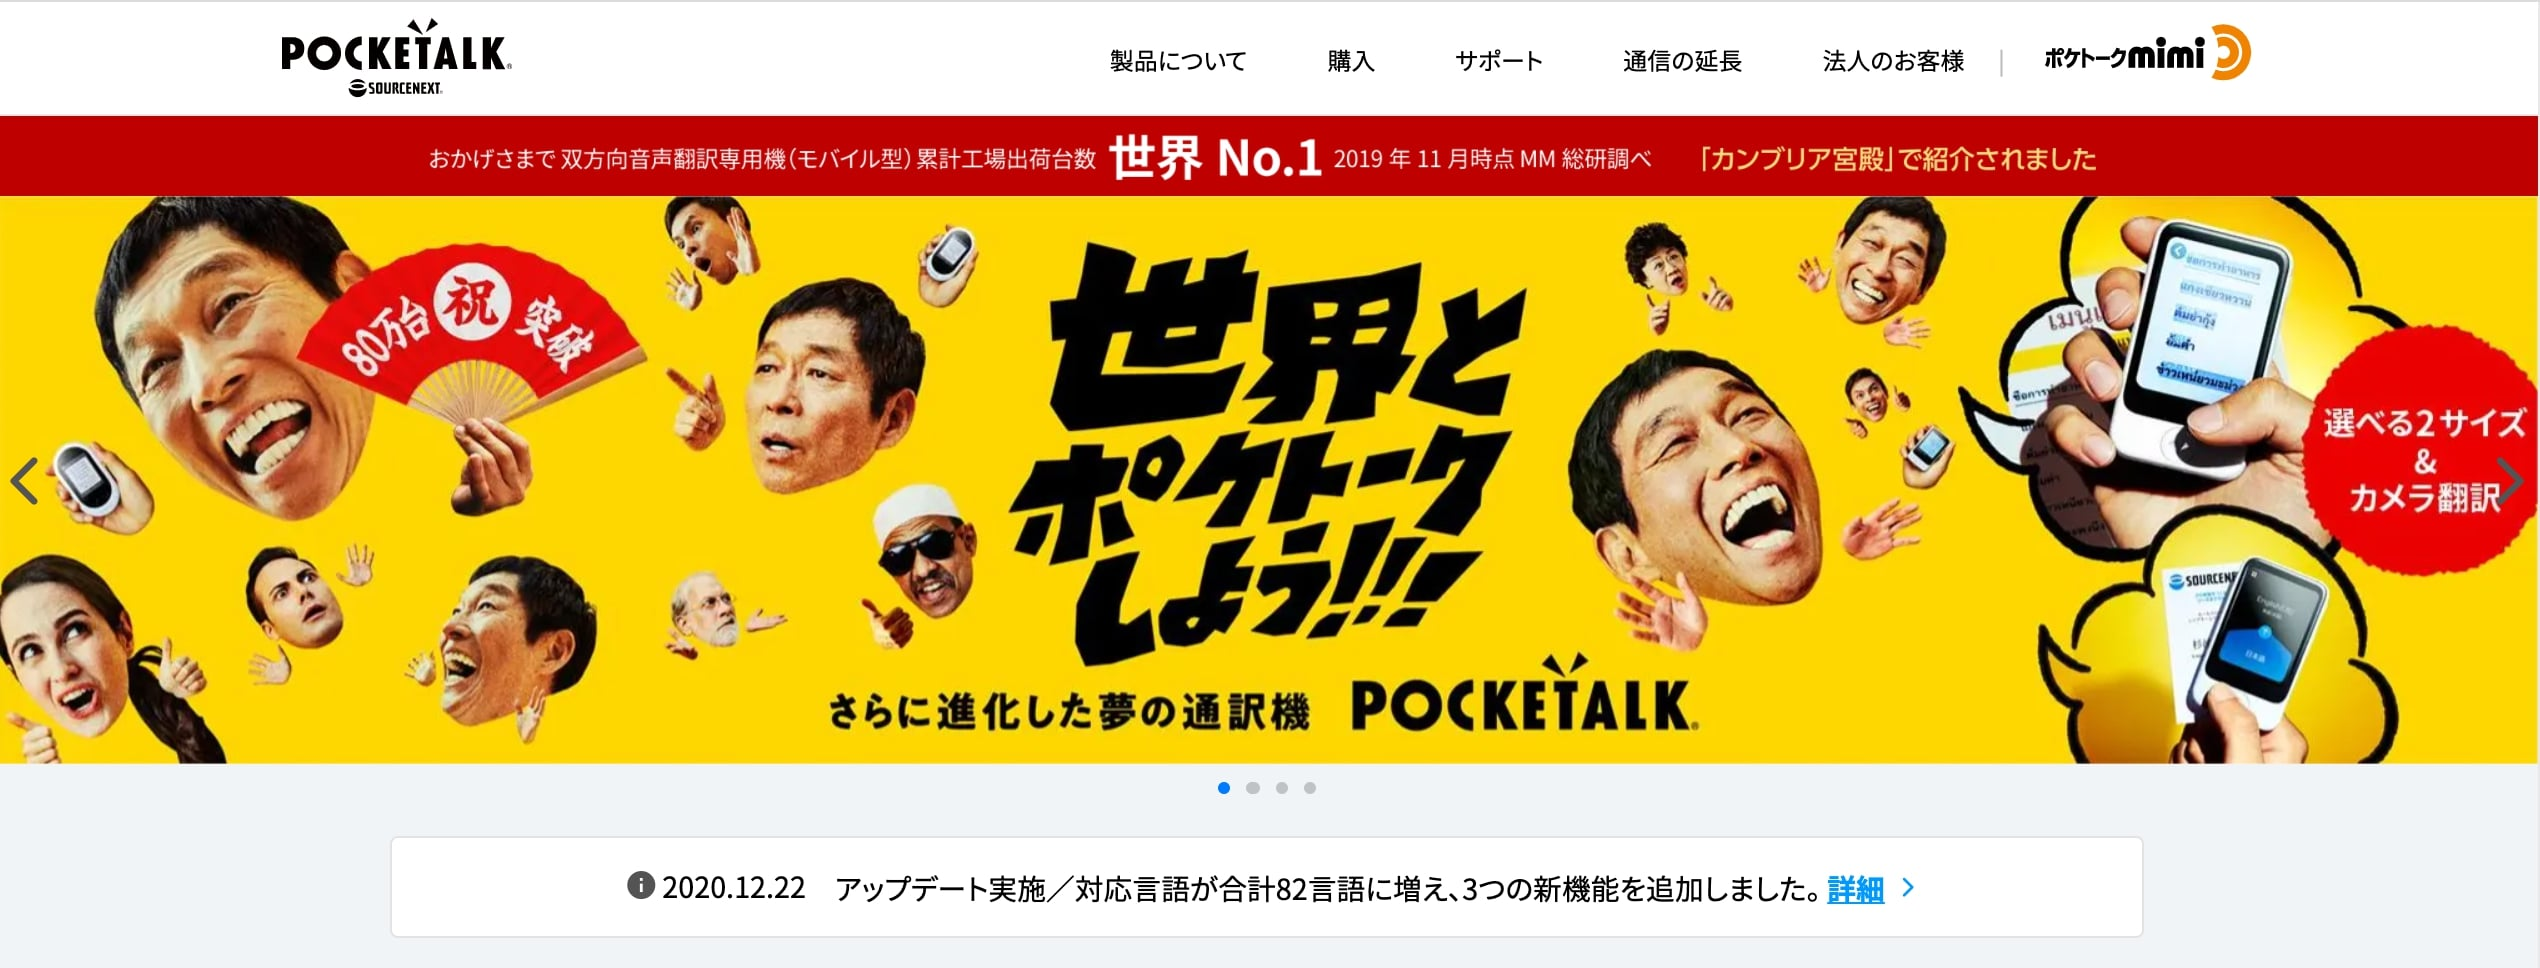 POCKETALK(ポケトーク)の機能やメリット